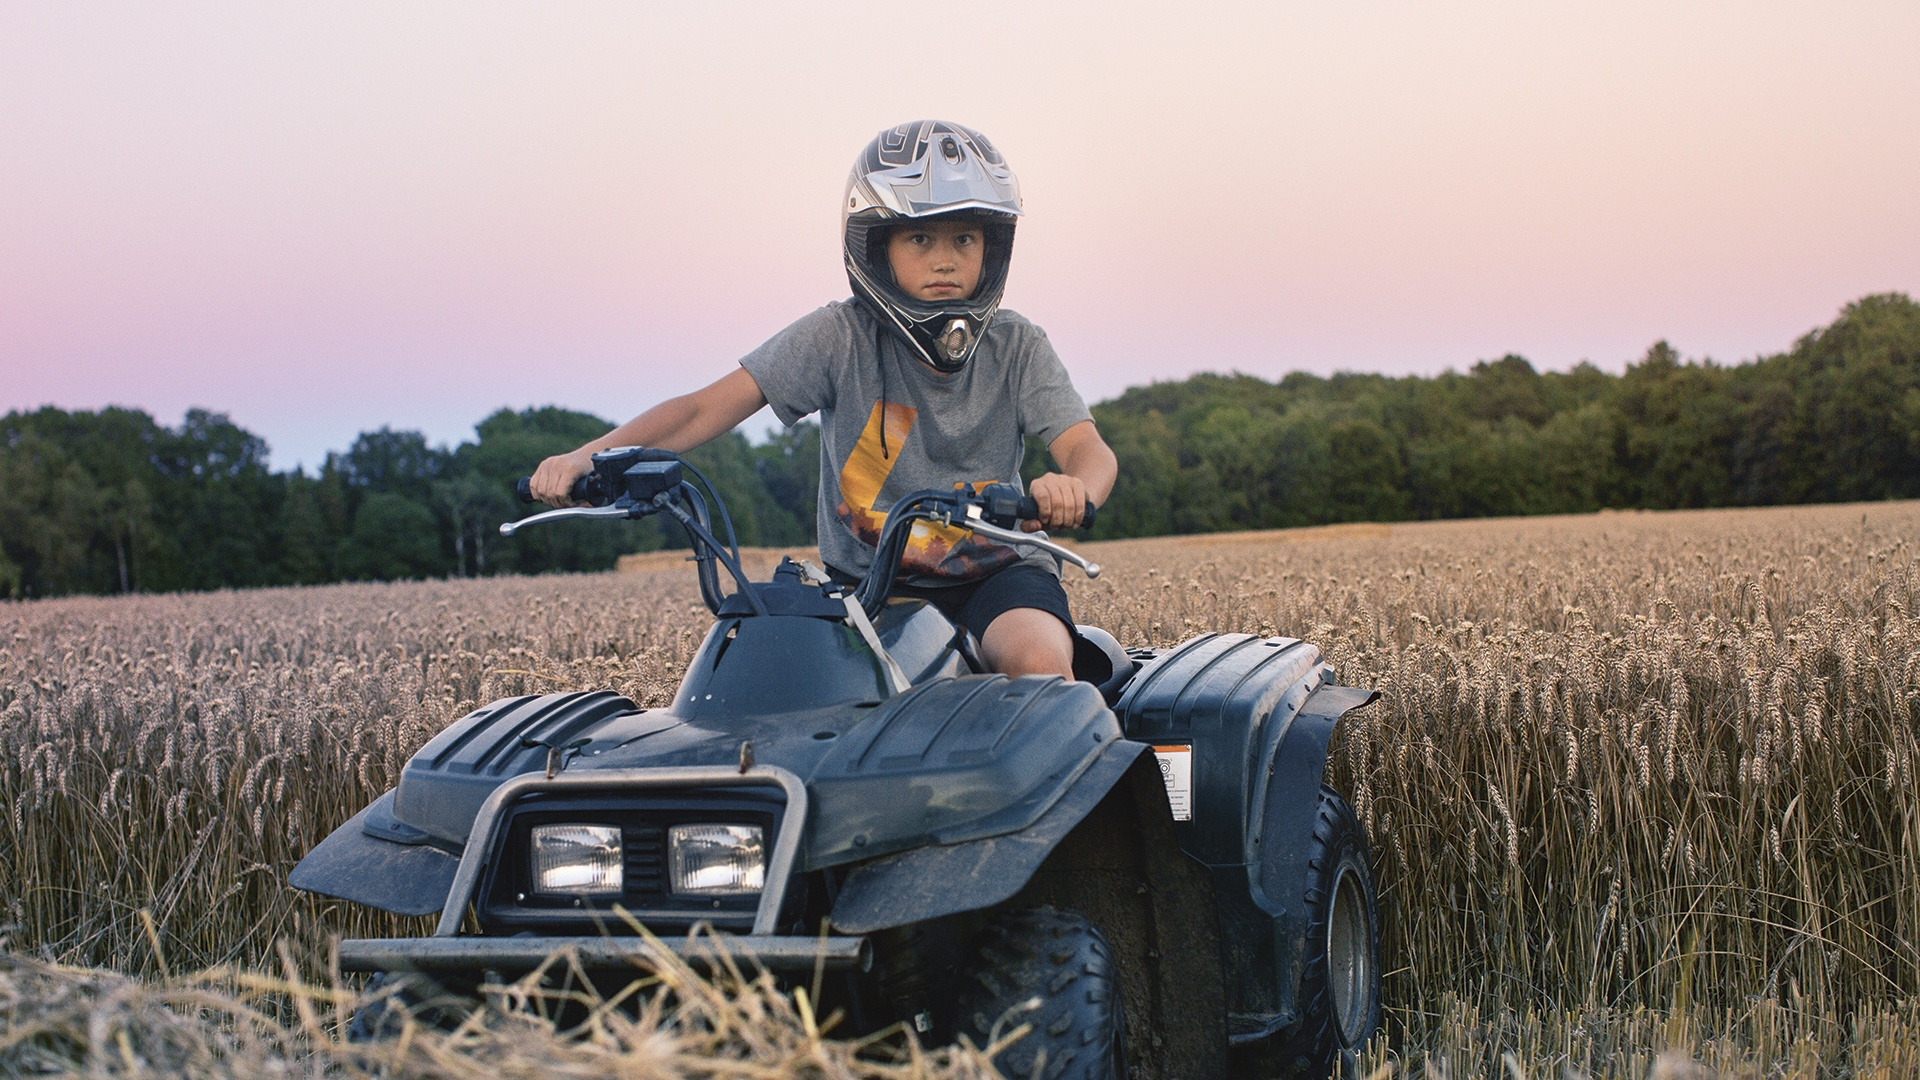 Pojke sitter på fyrhjuling på ett sädesfält i solnedgång